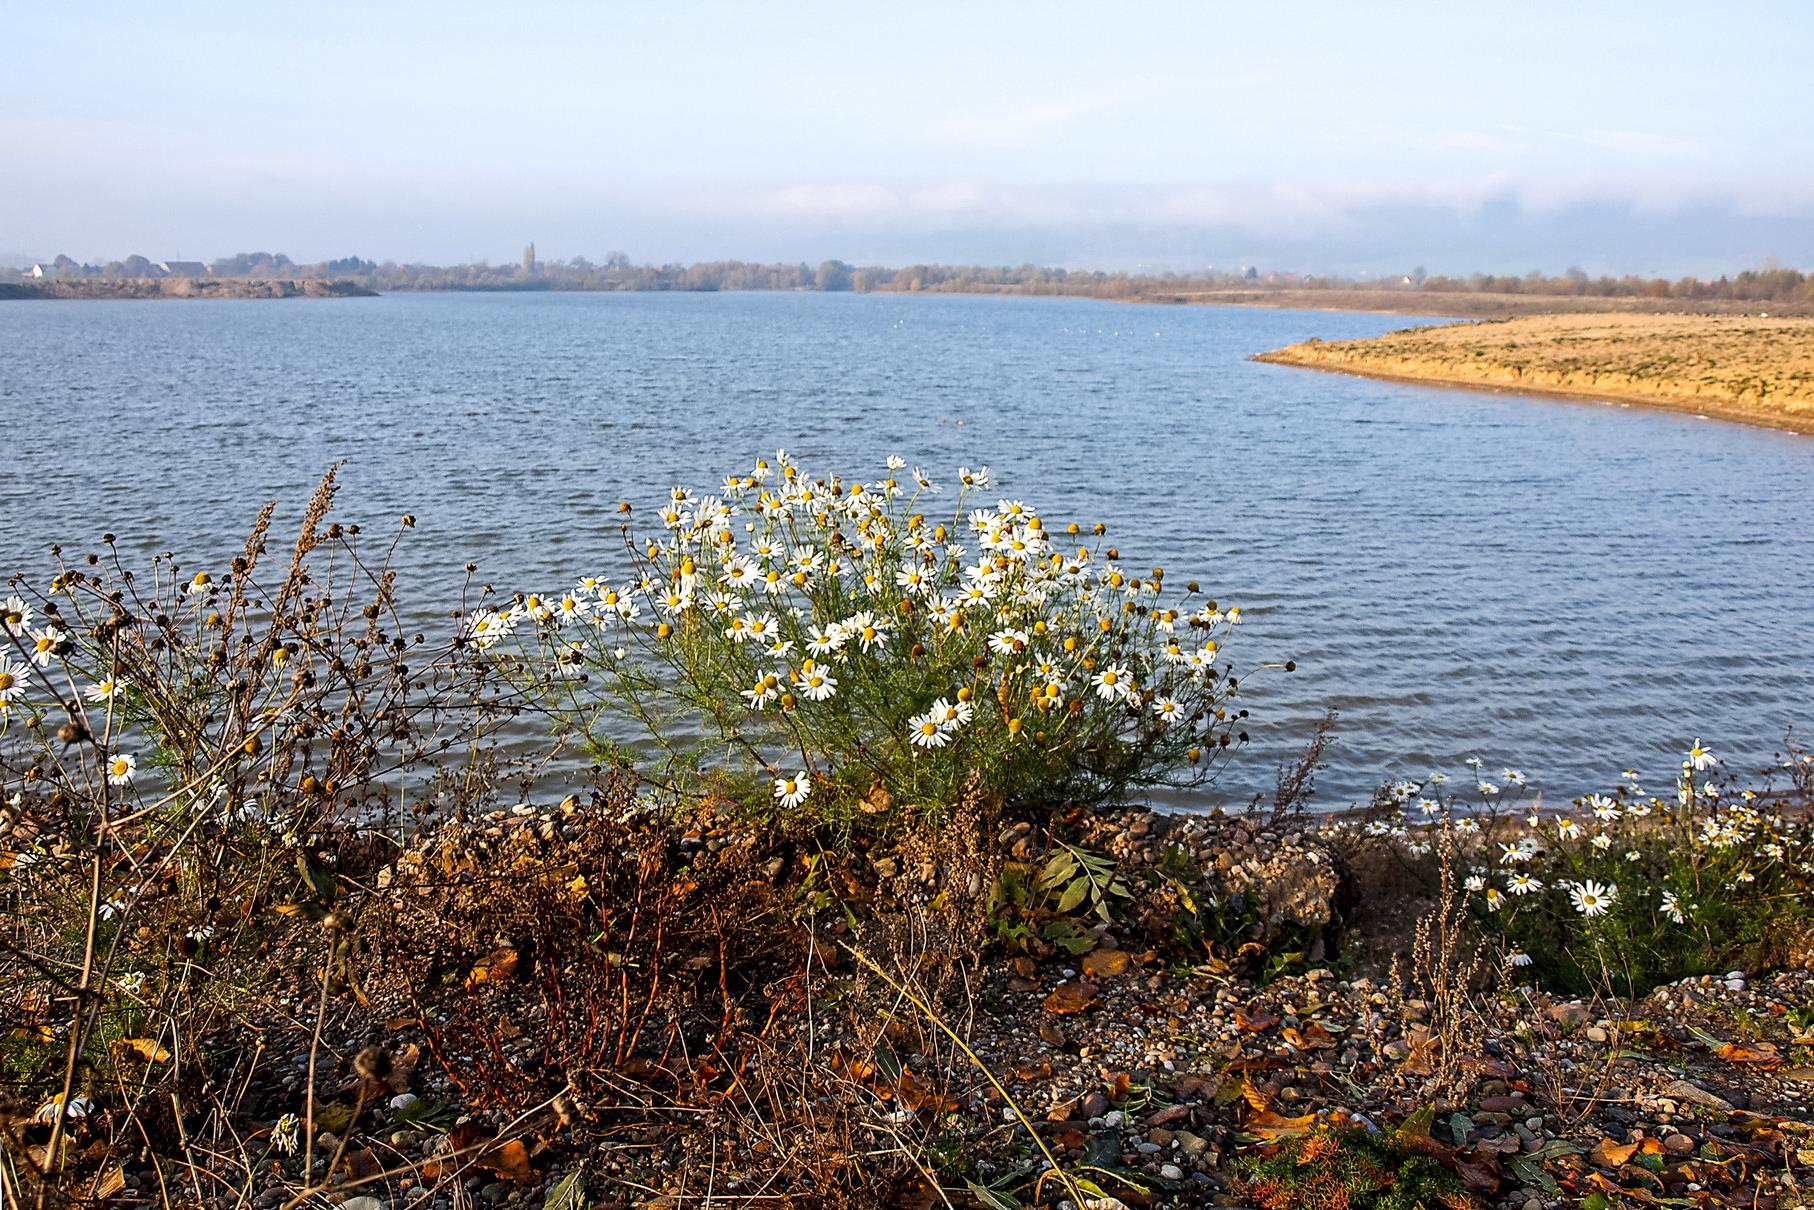 Im November blühen am Ufer noch Pflanzen.